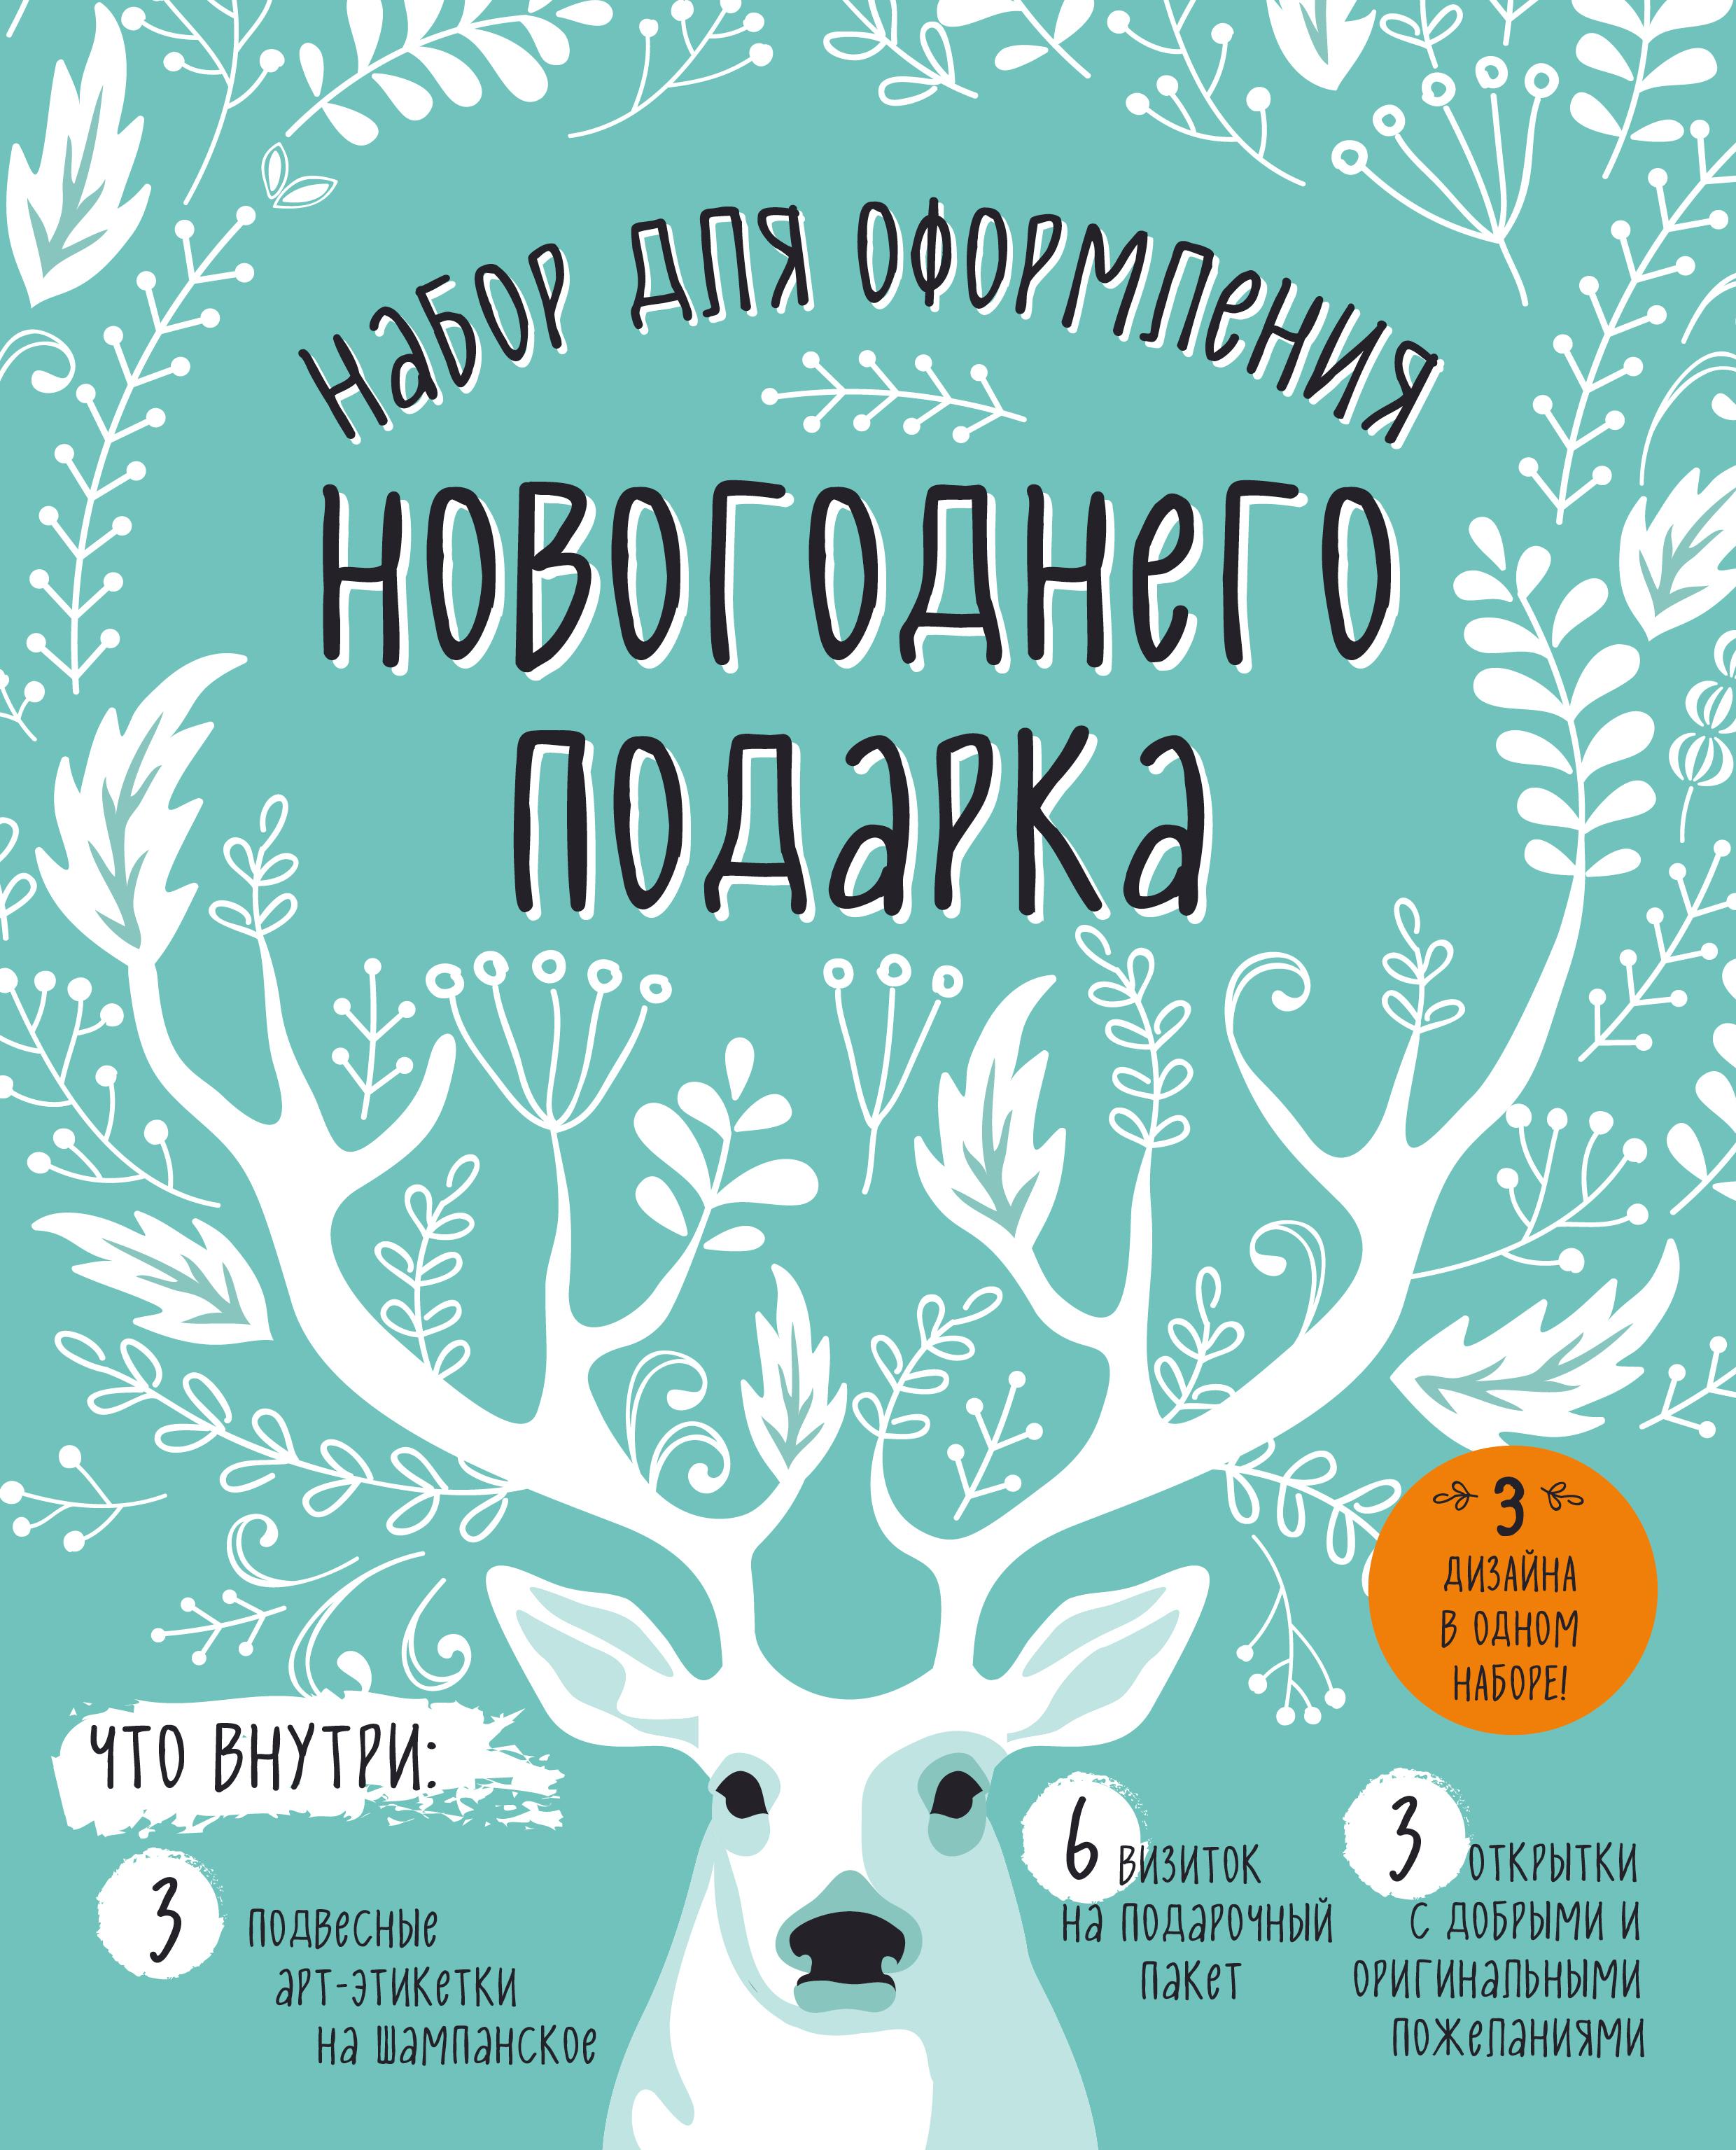 Набор для оформления новогоднего подарка (олень): подвесные арт-этикетки на шампанское, открытки, визитки на пакет (набор для вырезания)